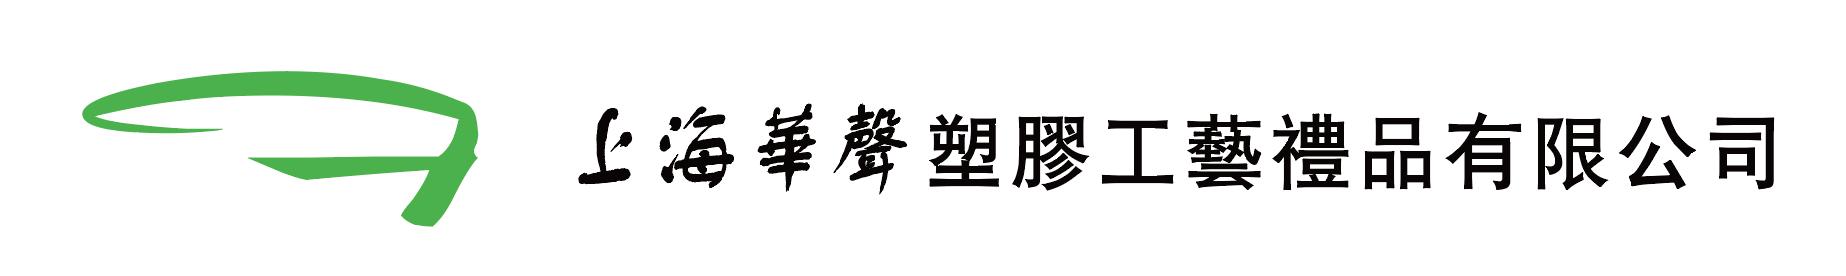 上海华声塑胶工艺礼品有限公司  --  专业定制礼品、塑胶制品、毛绒制品、家居用品、电子产品、模型、医用器械、展示道具、娱乐设备等专业产品解决方案提供者